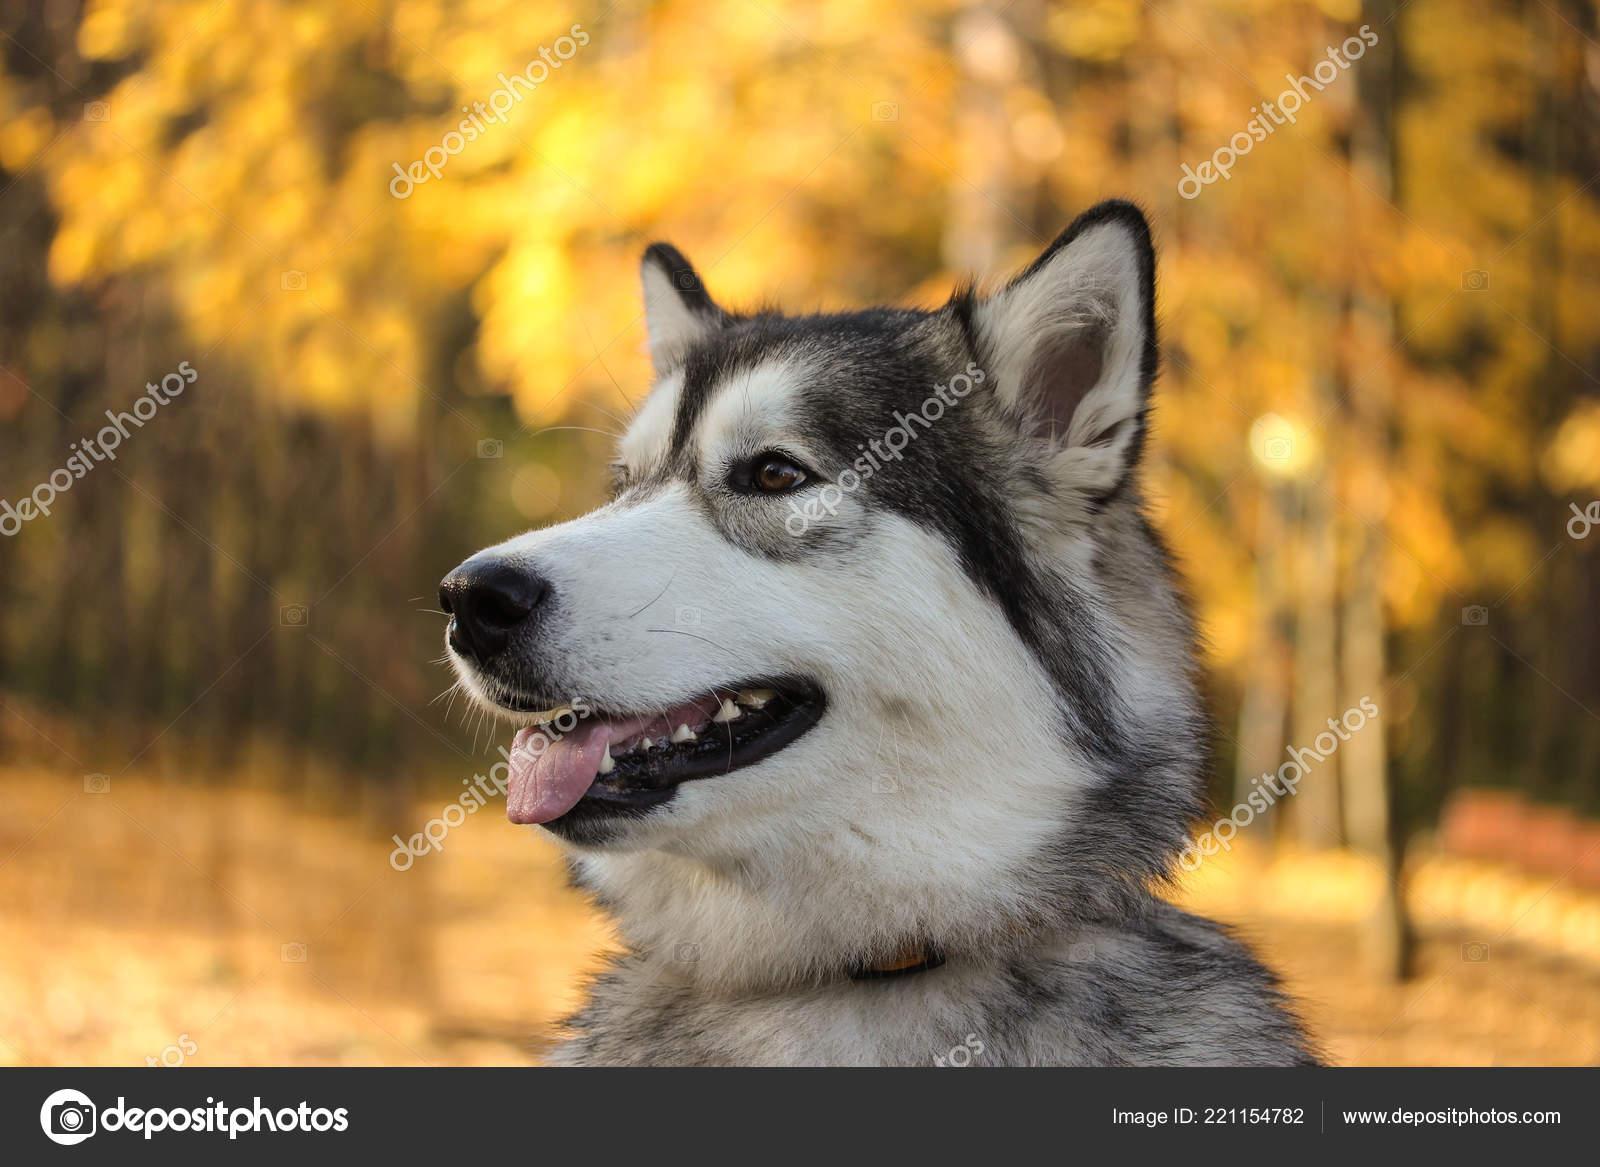 Psí plemeno Aljašský malamut podobně jako vlk v podzimním lese na pozadí  Oranžovo žluté listy — Fotografie od natgai83 gmail.com d4e2aacca7